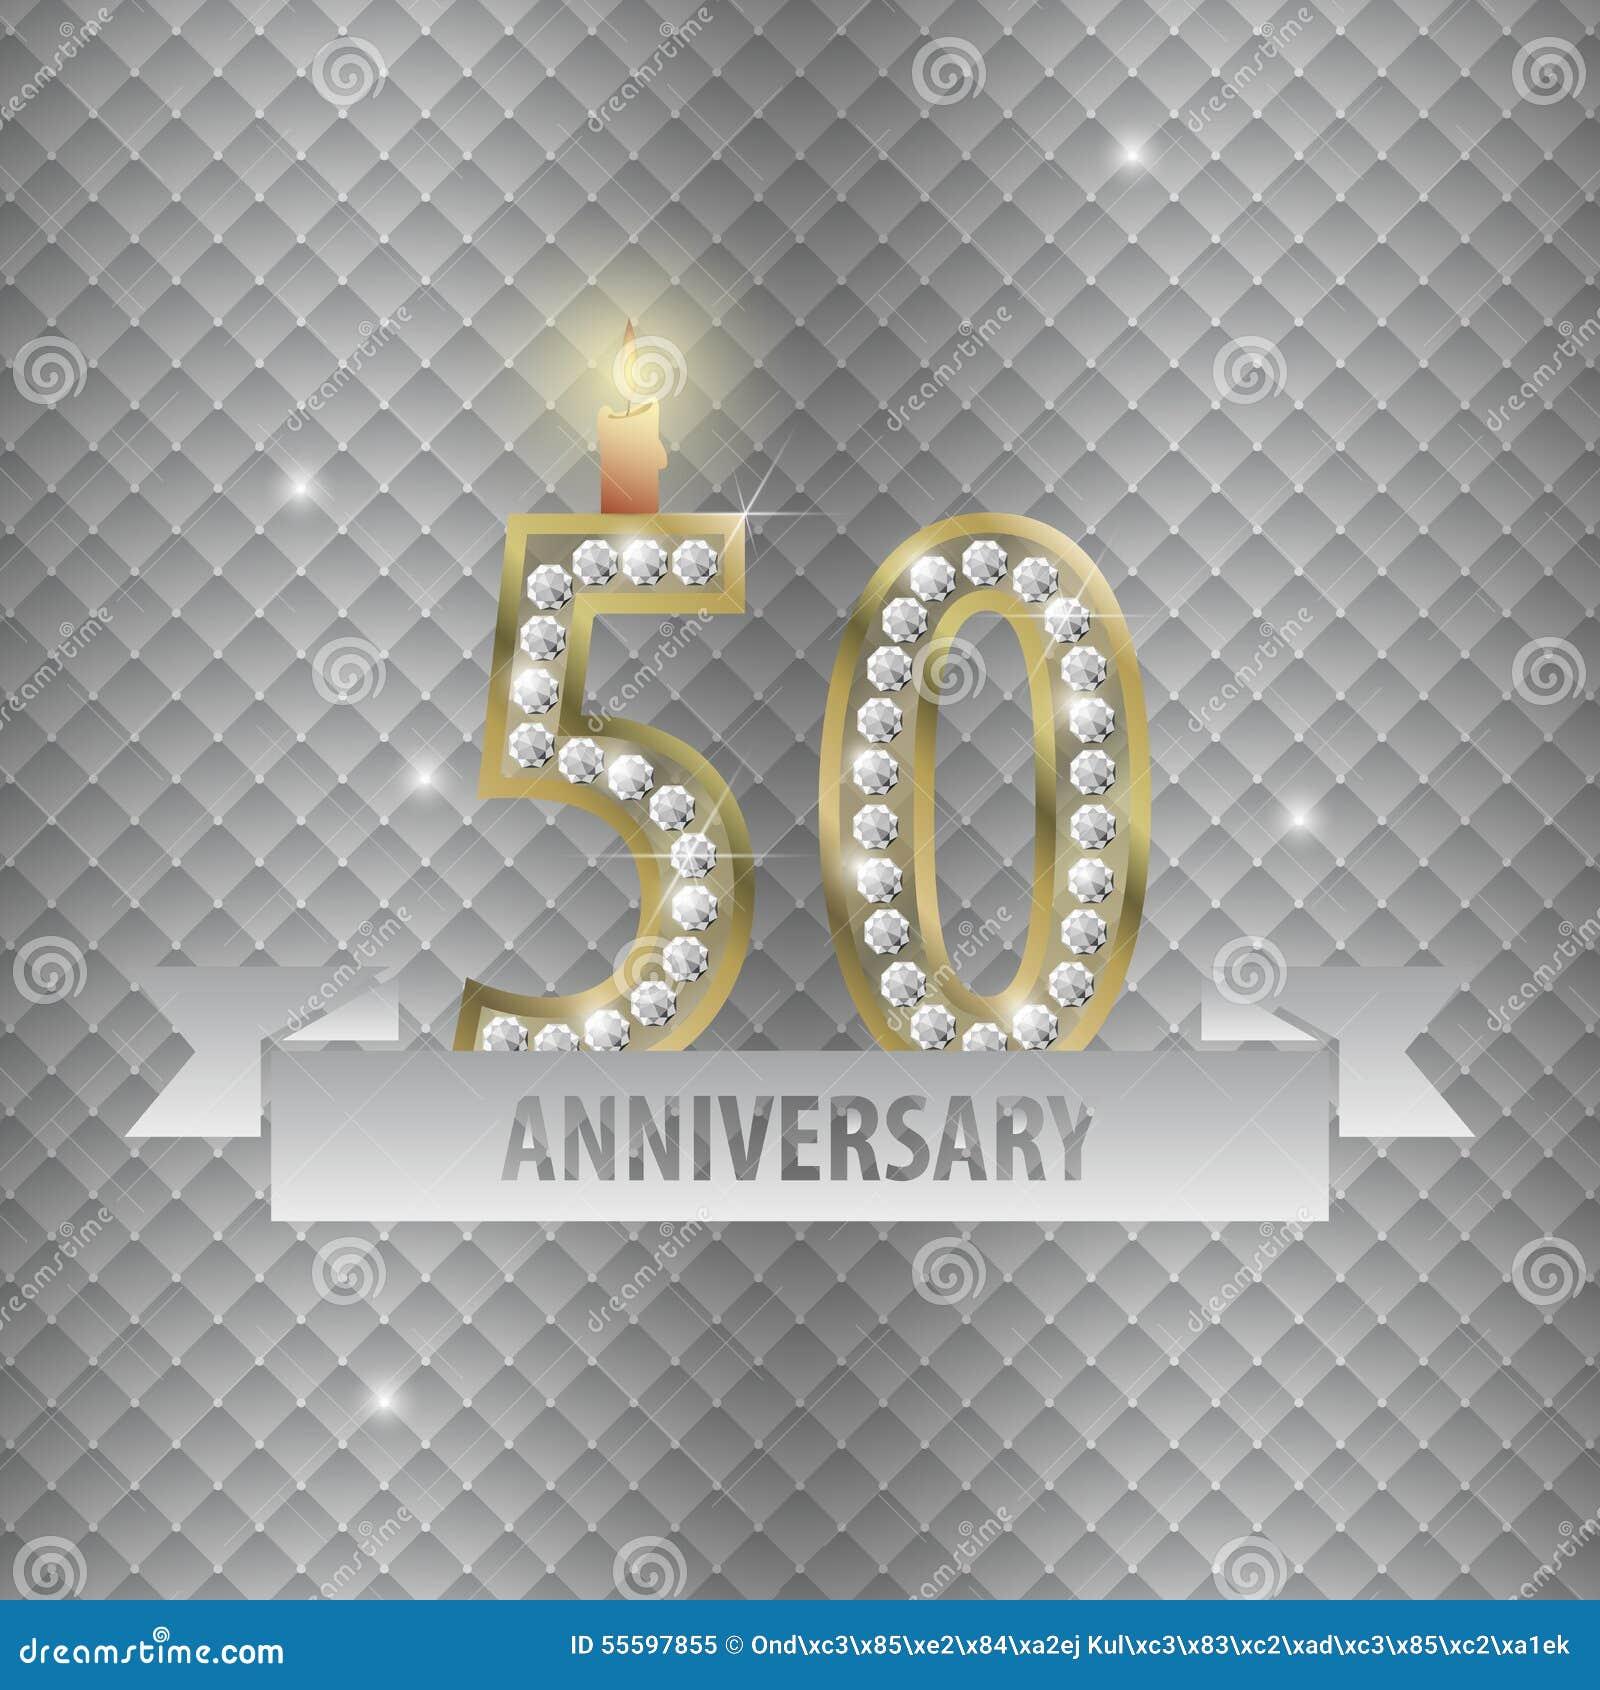 fira 50 år Fira 50 år årsdag Guld  Stil Vektor Vektor Illustrationer  fira 50 år